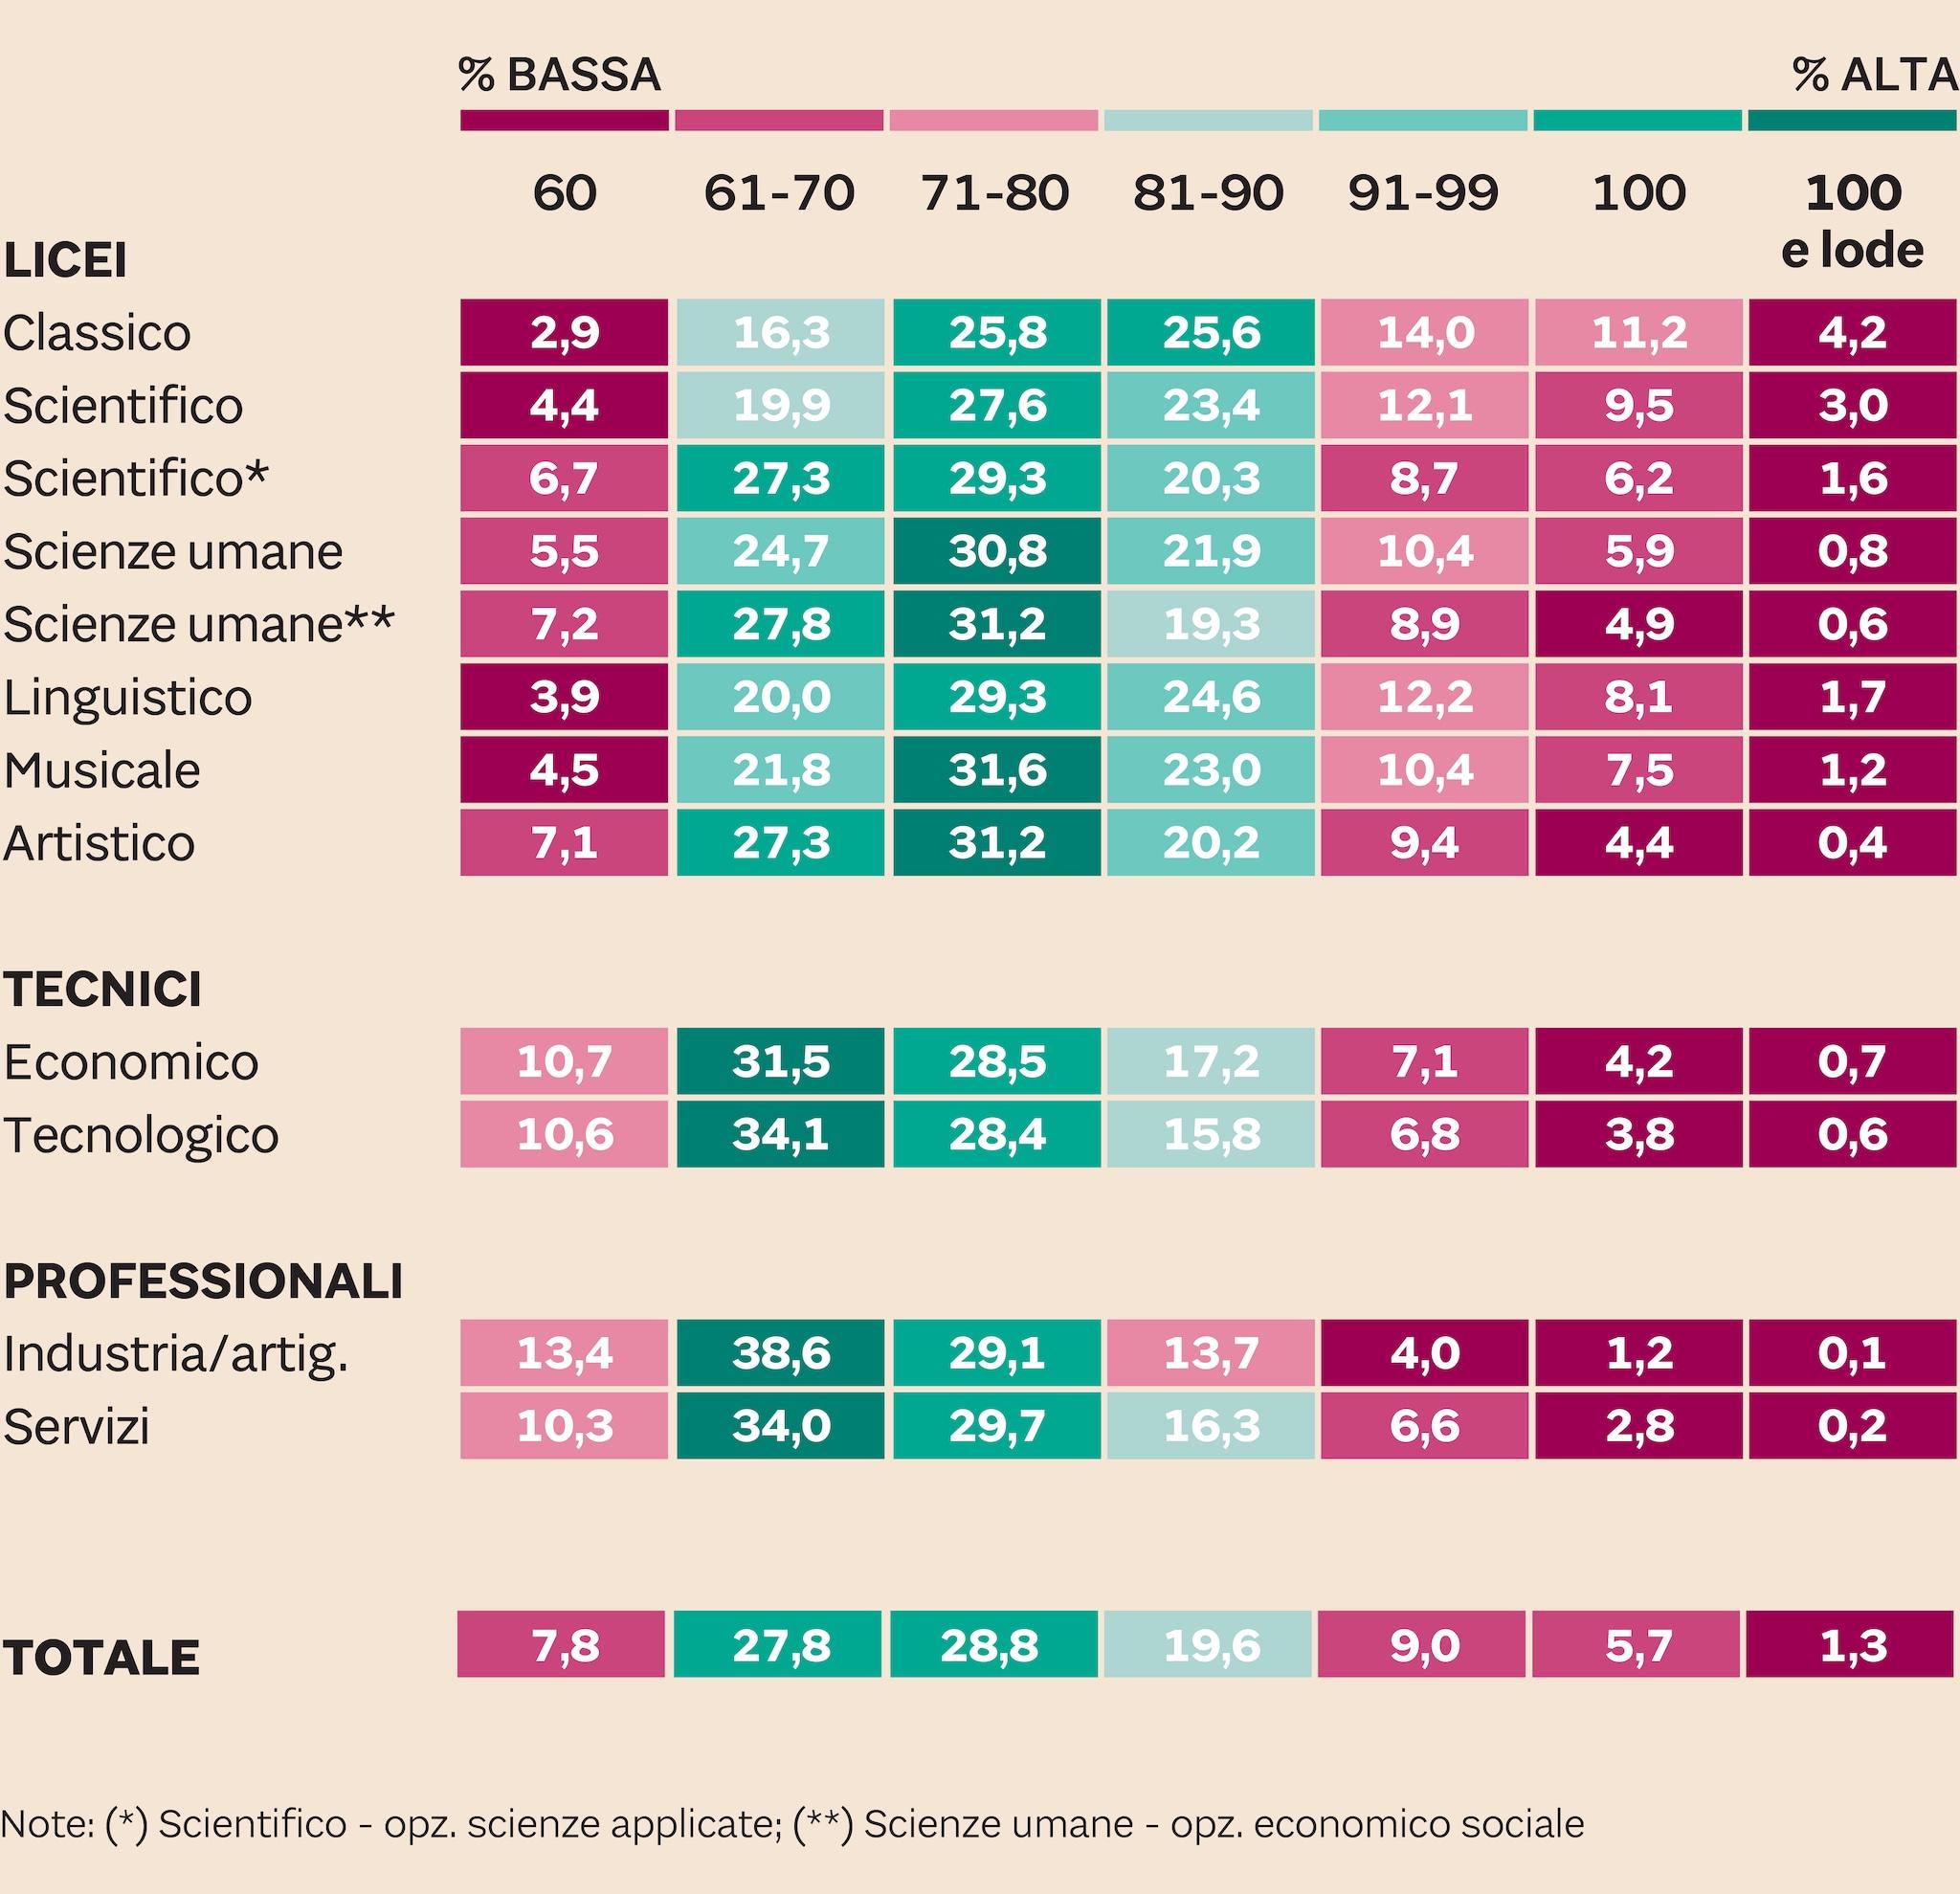 LA DISTRIBUZIONE DEI VOTI FINALI PER TIPO DI PERCORSO, SETTORE/INDIRIZZO